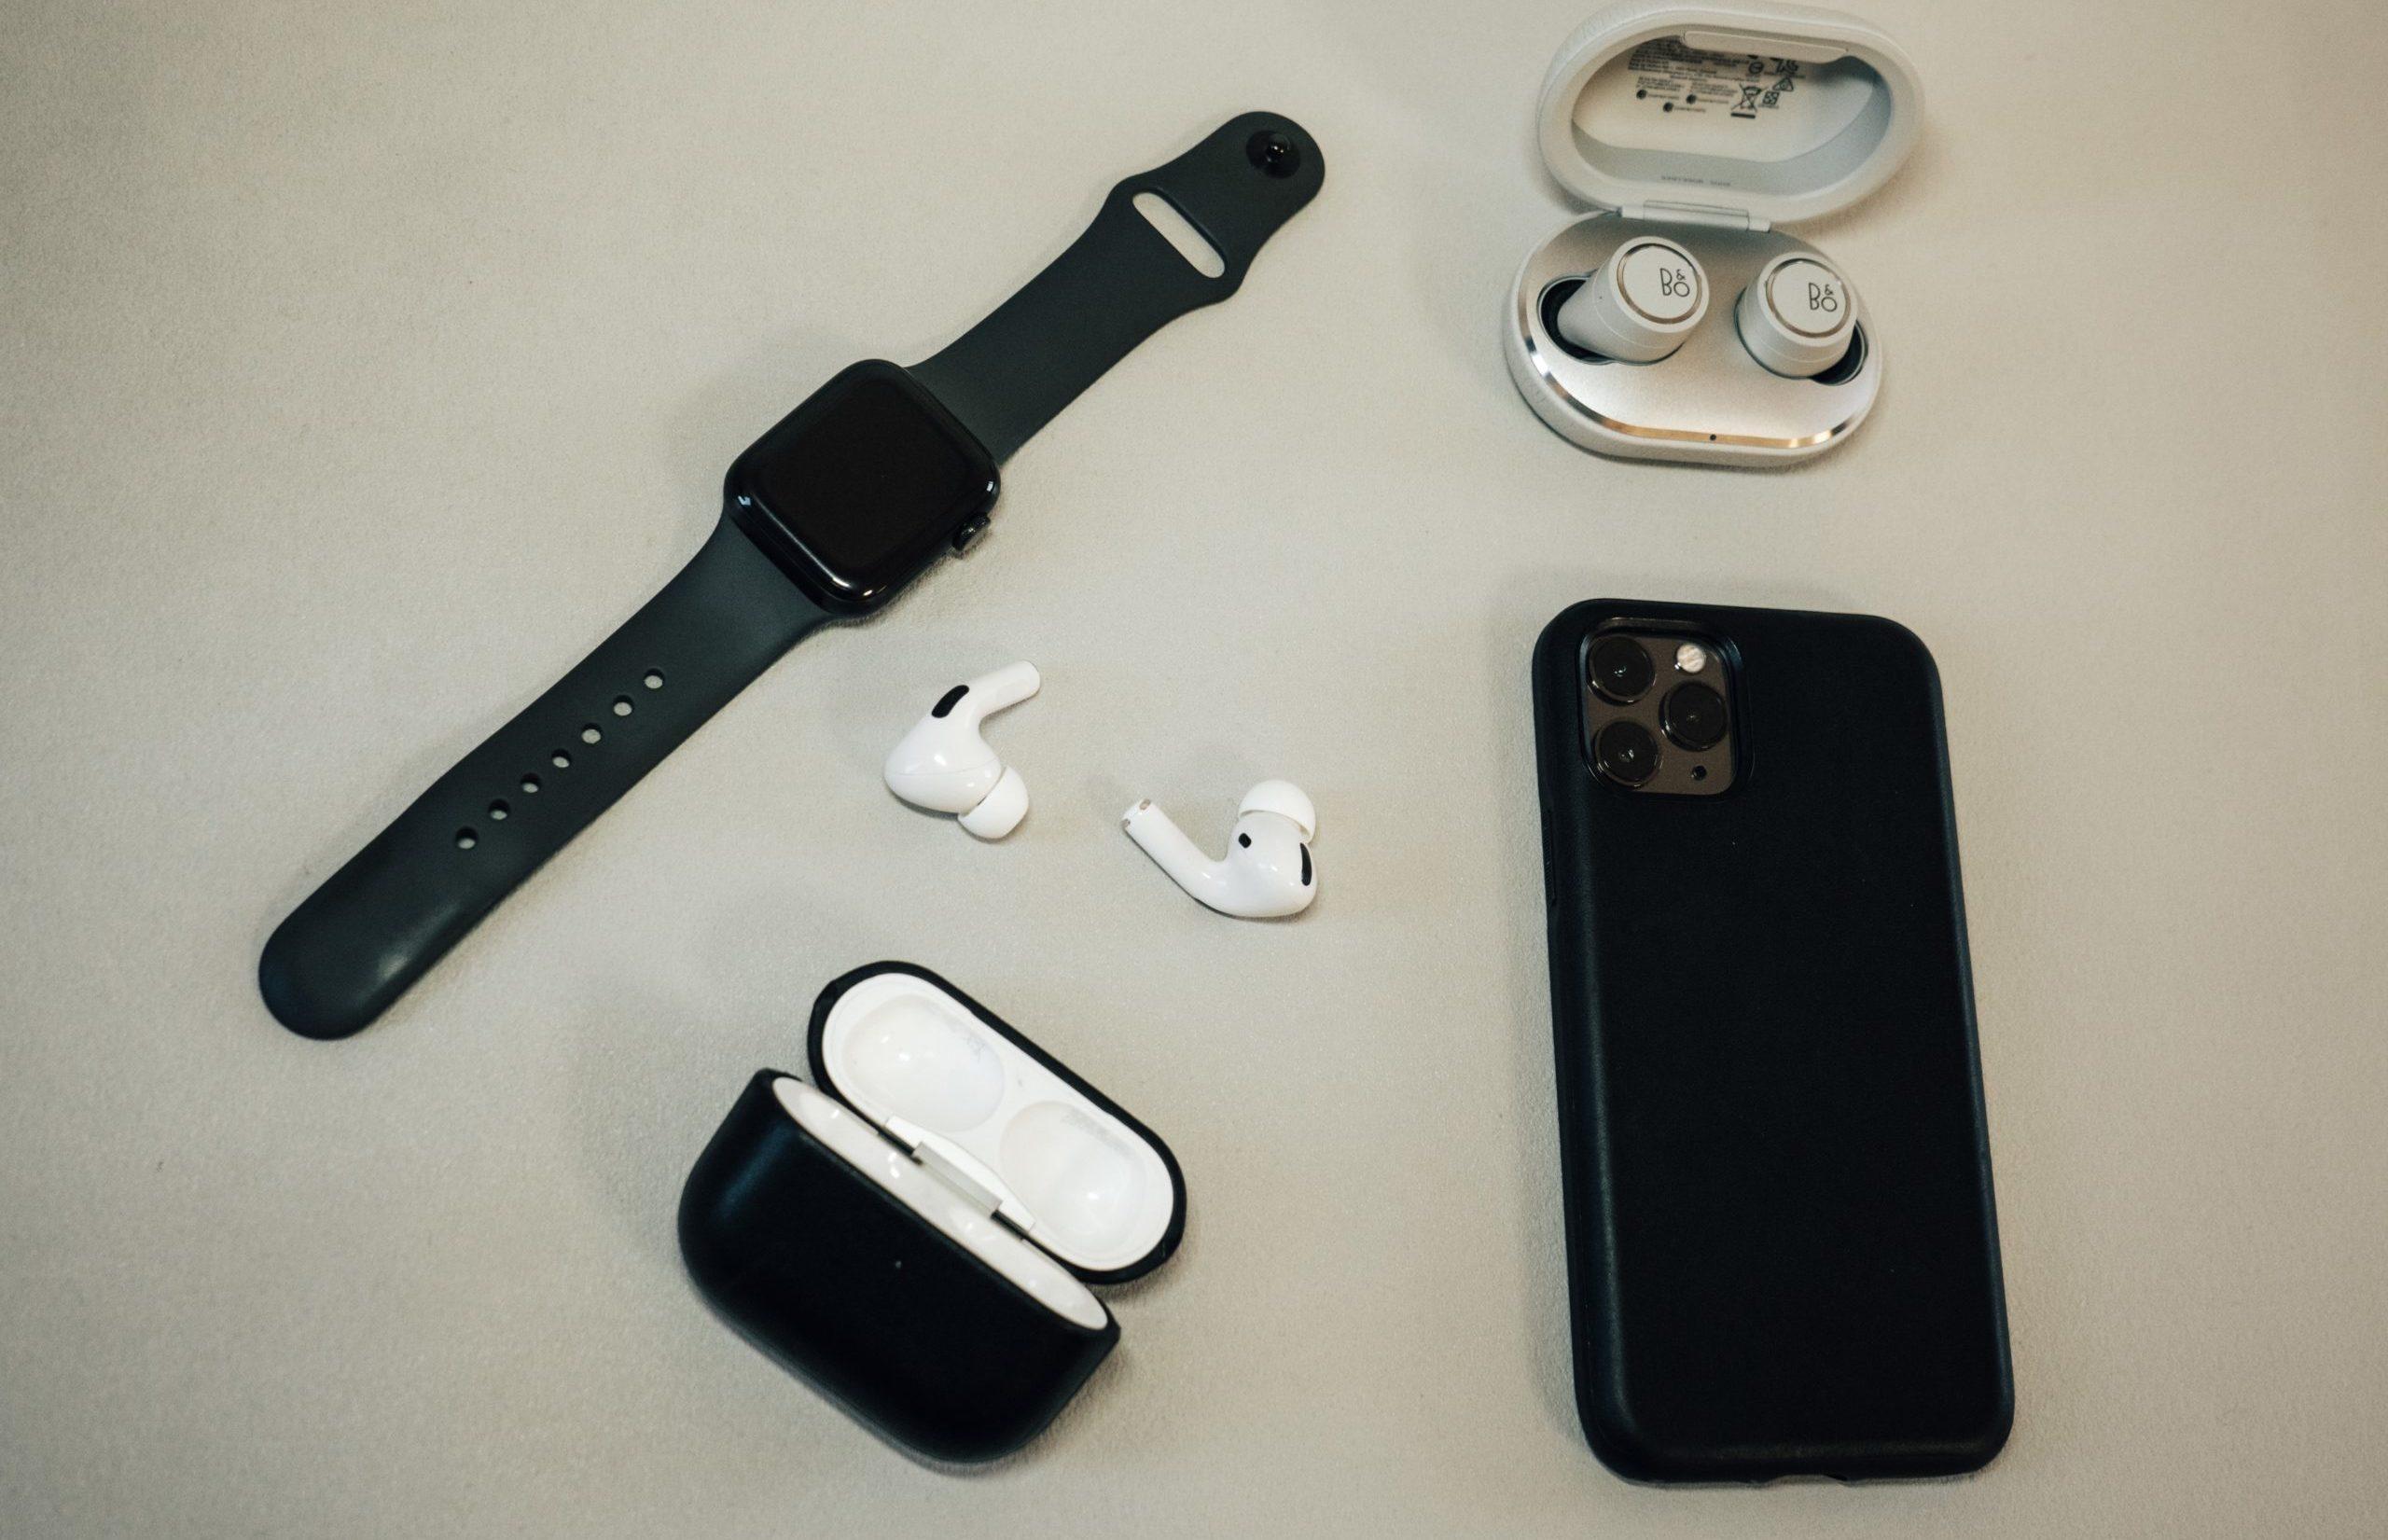 Apple Watchのおすすめアプリと使い方|【音楽編】